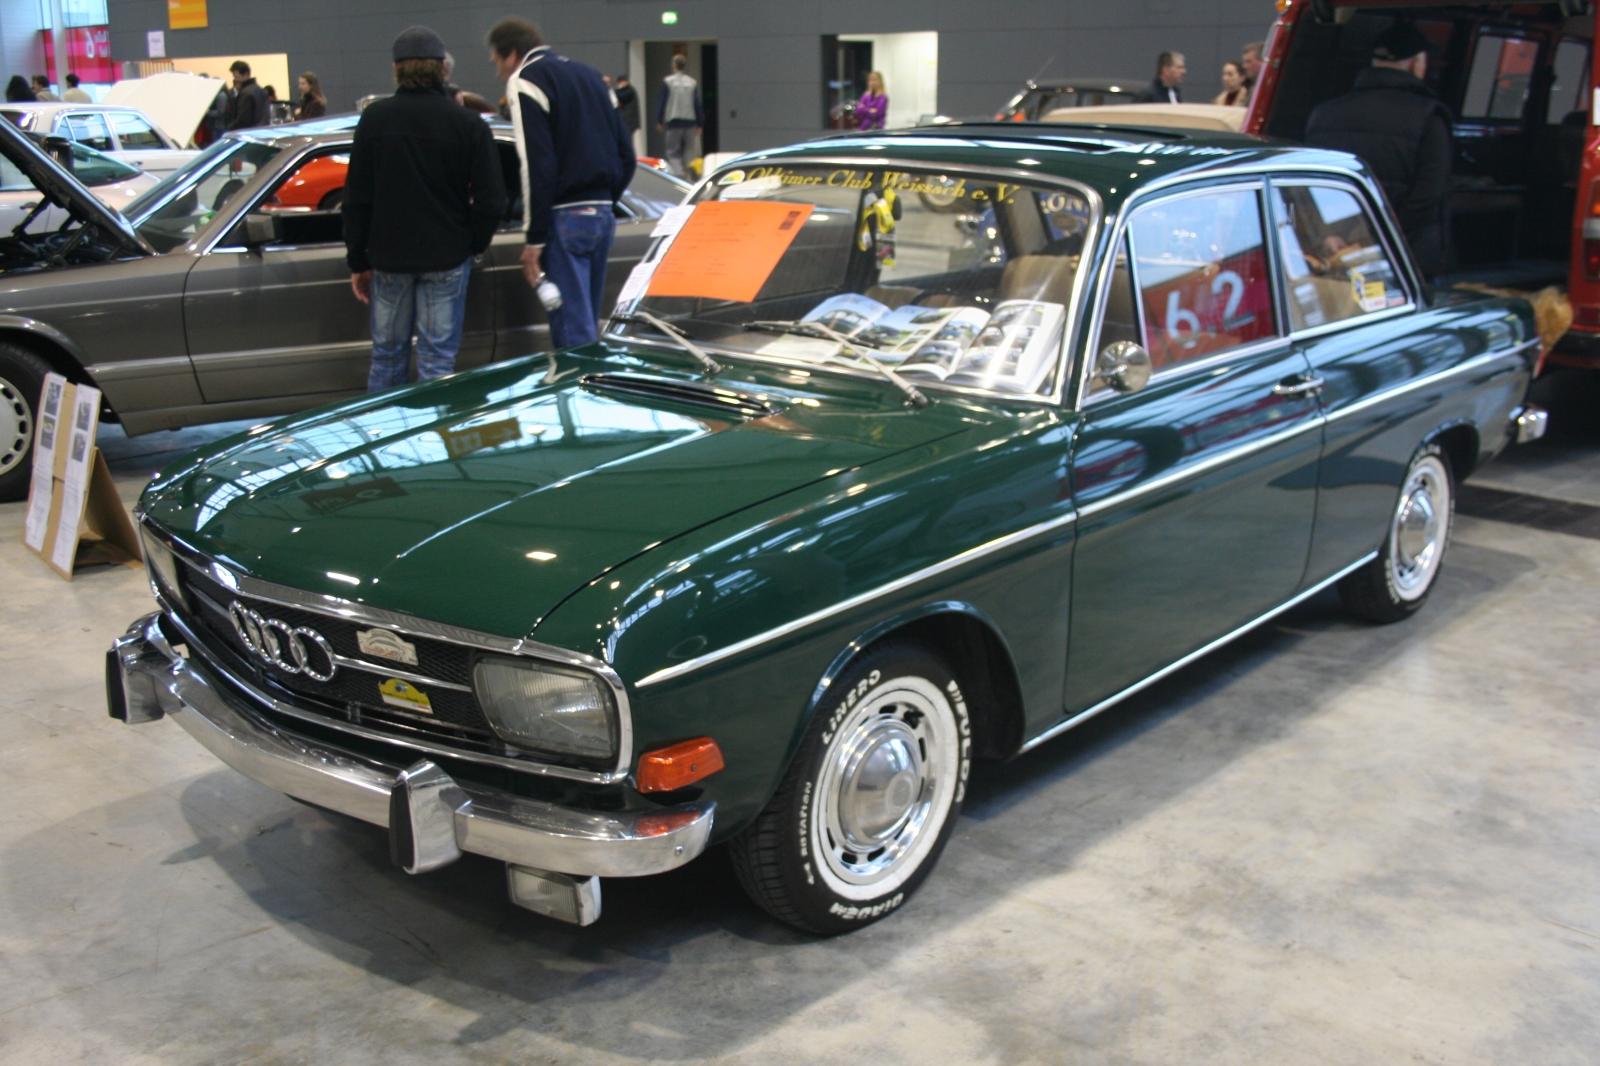 Audi 60 Bildersammlung Von Christof Rezbach